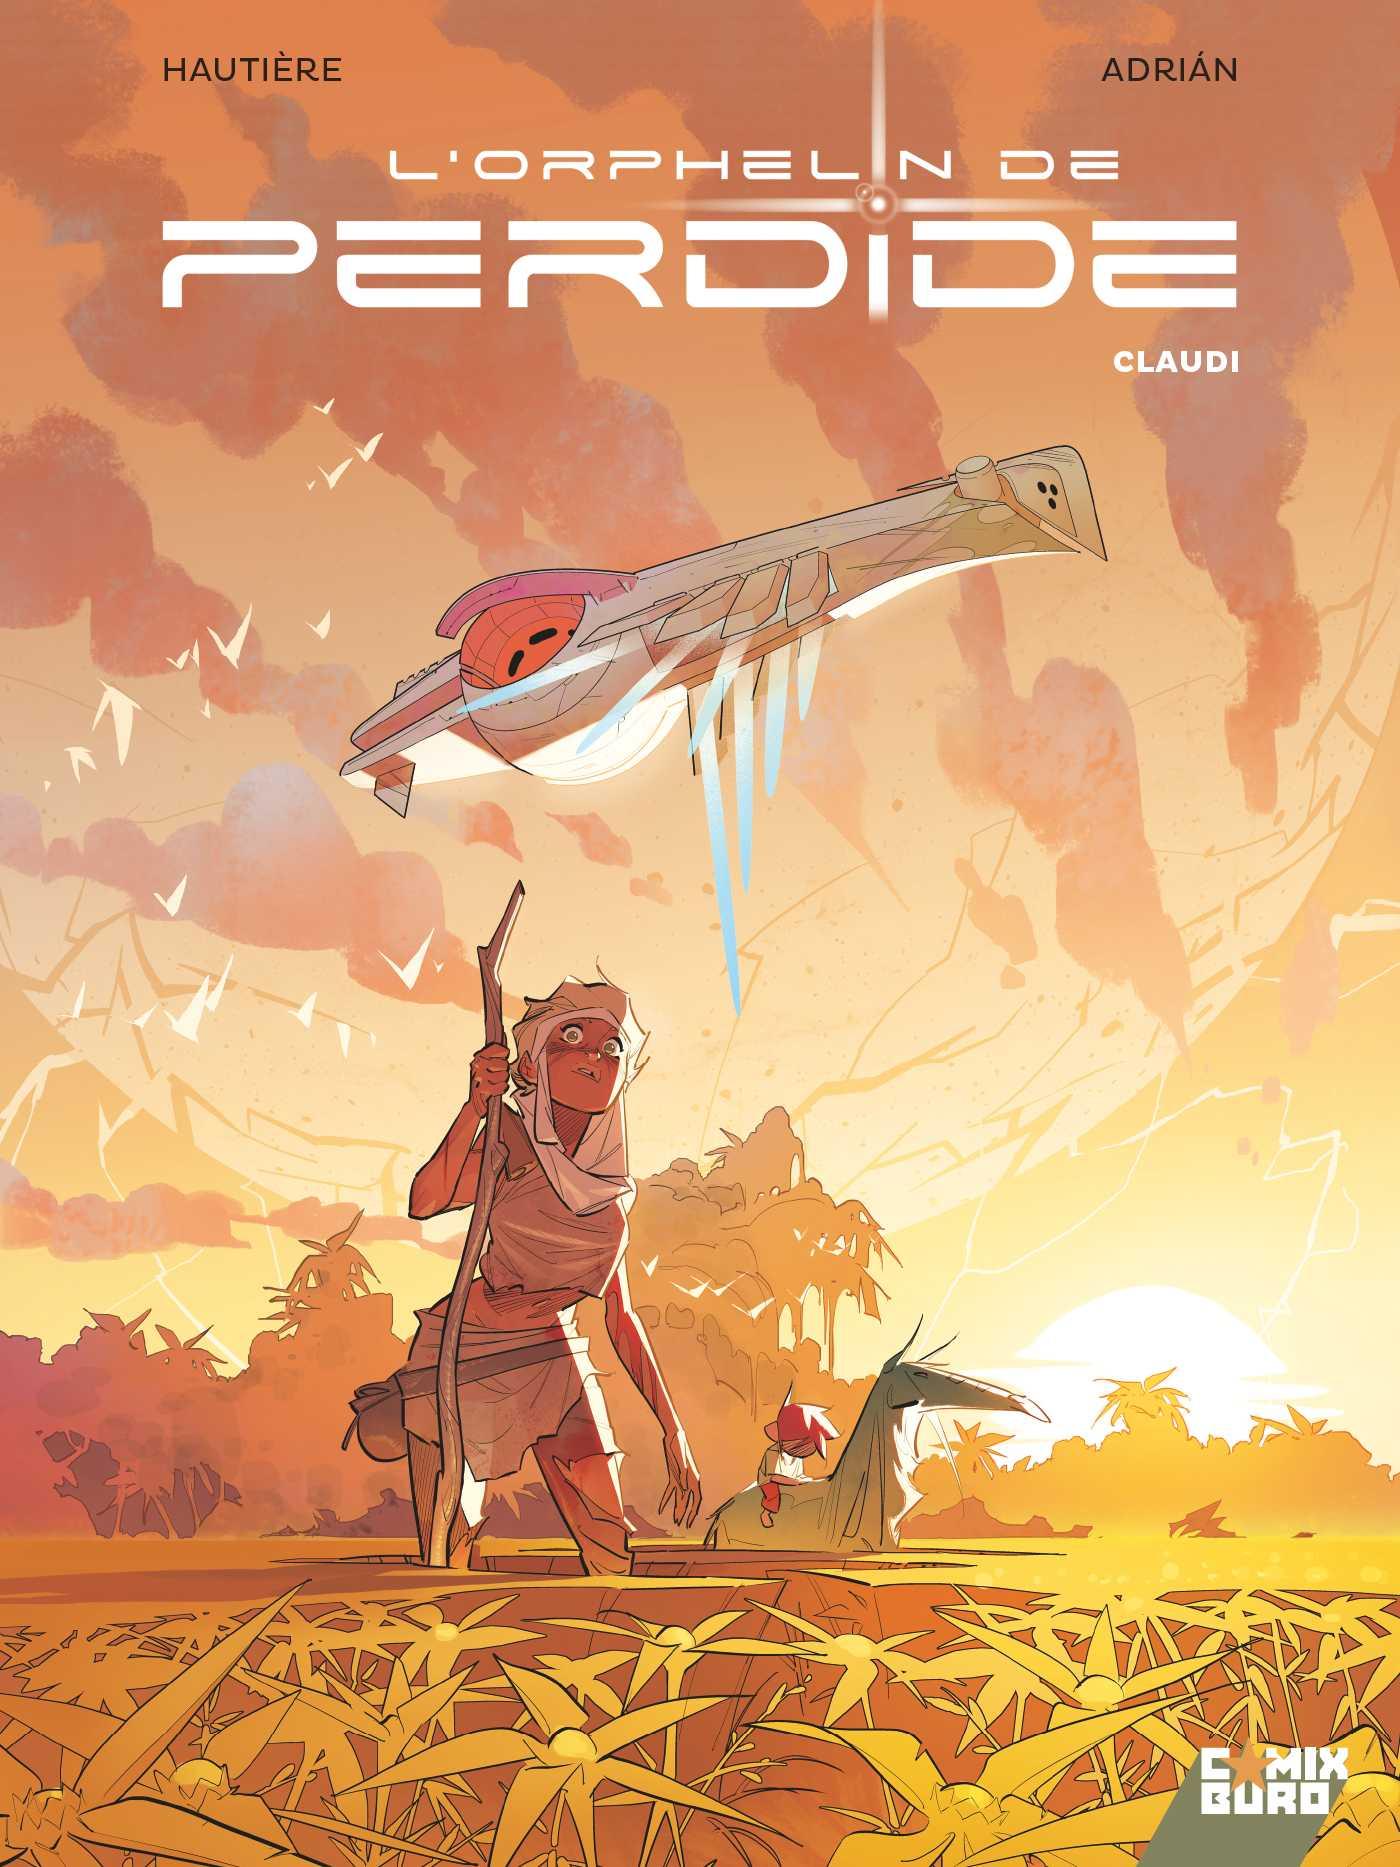 L'Orphelin de Perdide, une saga piquante